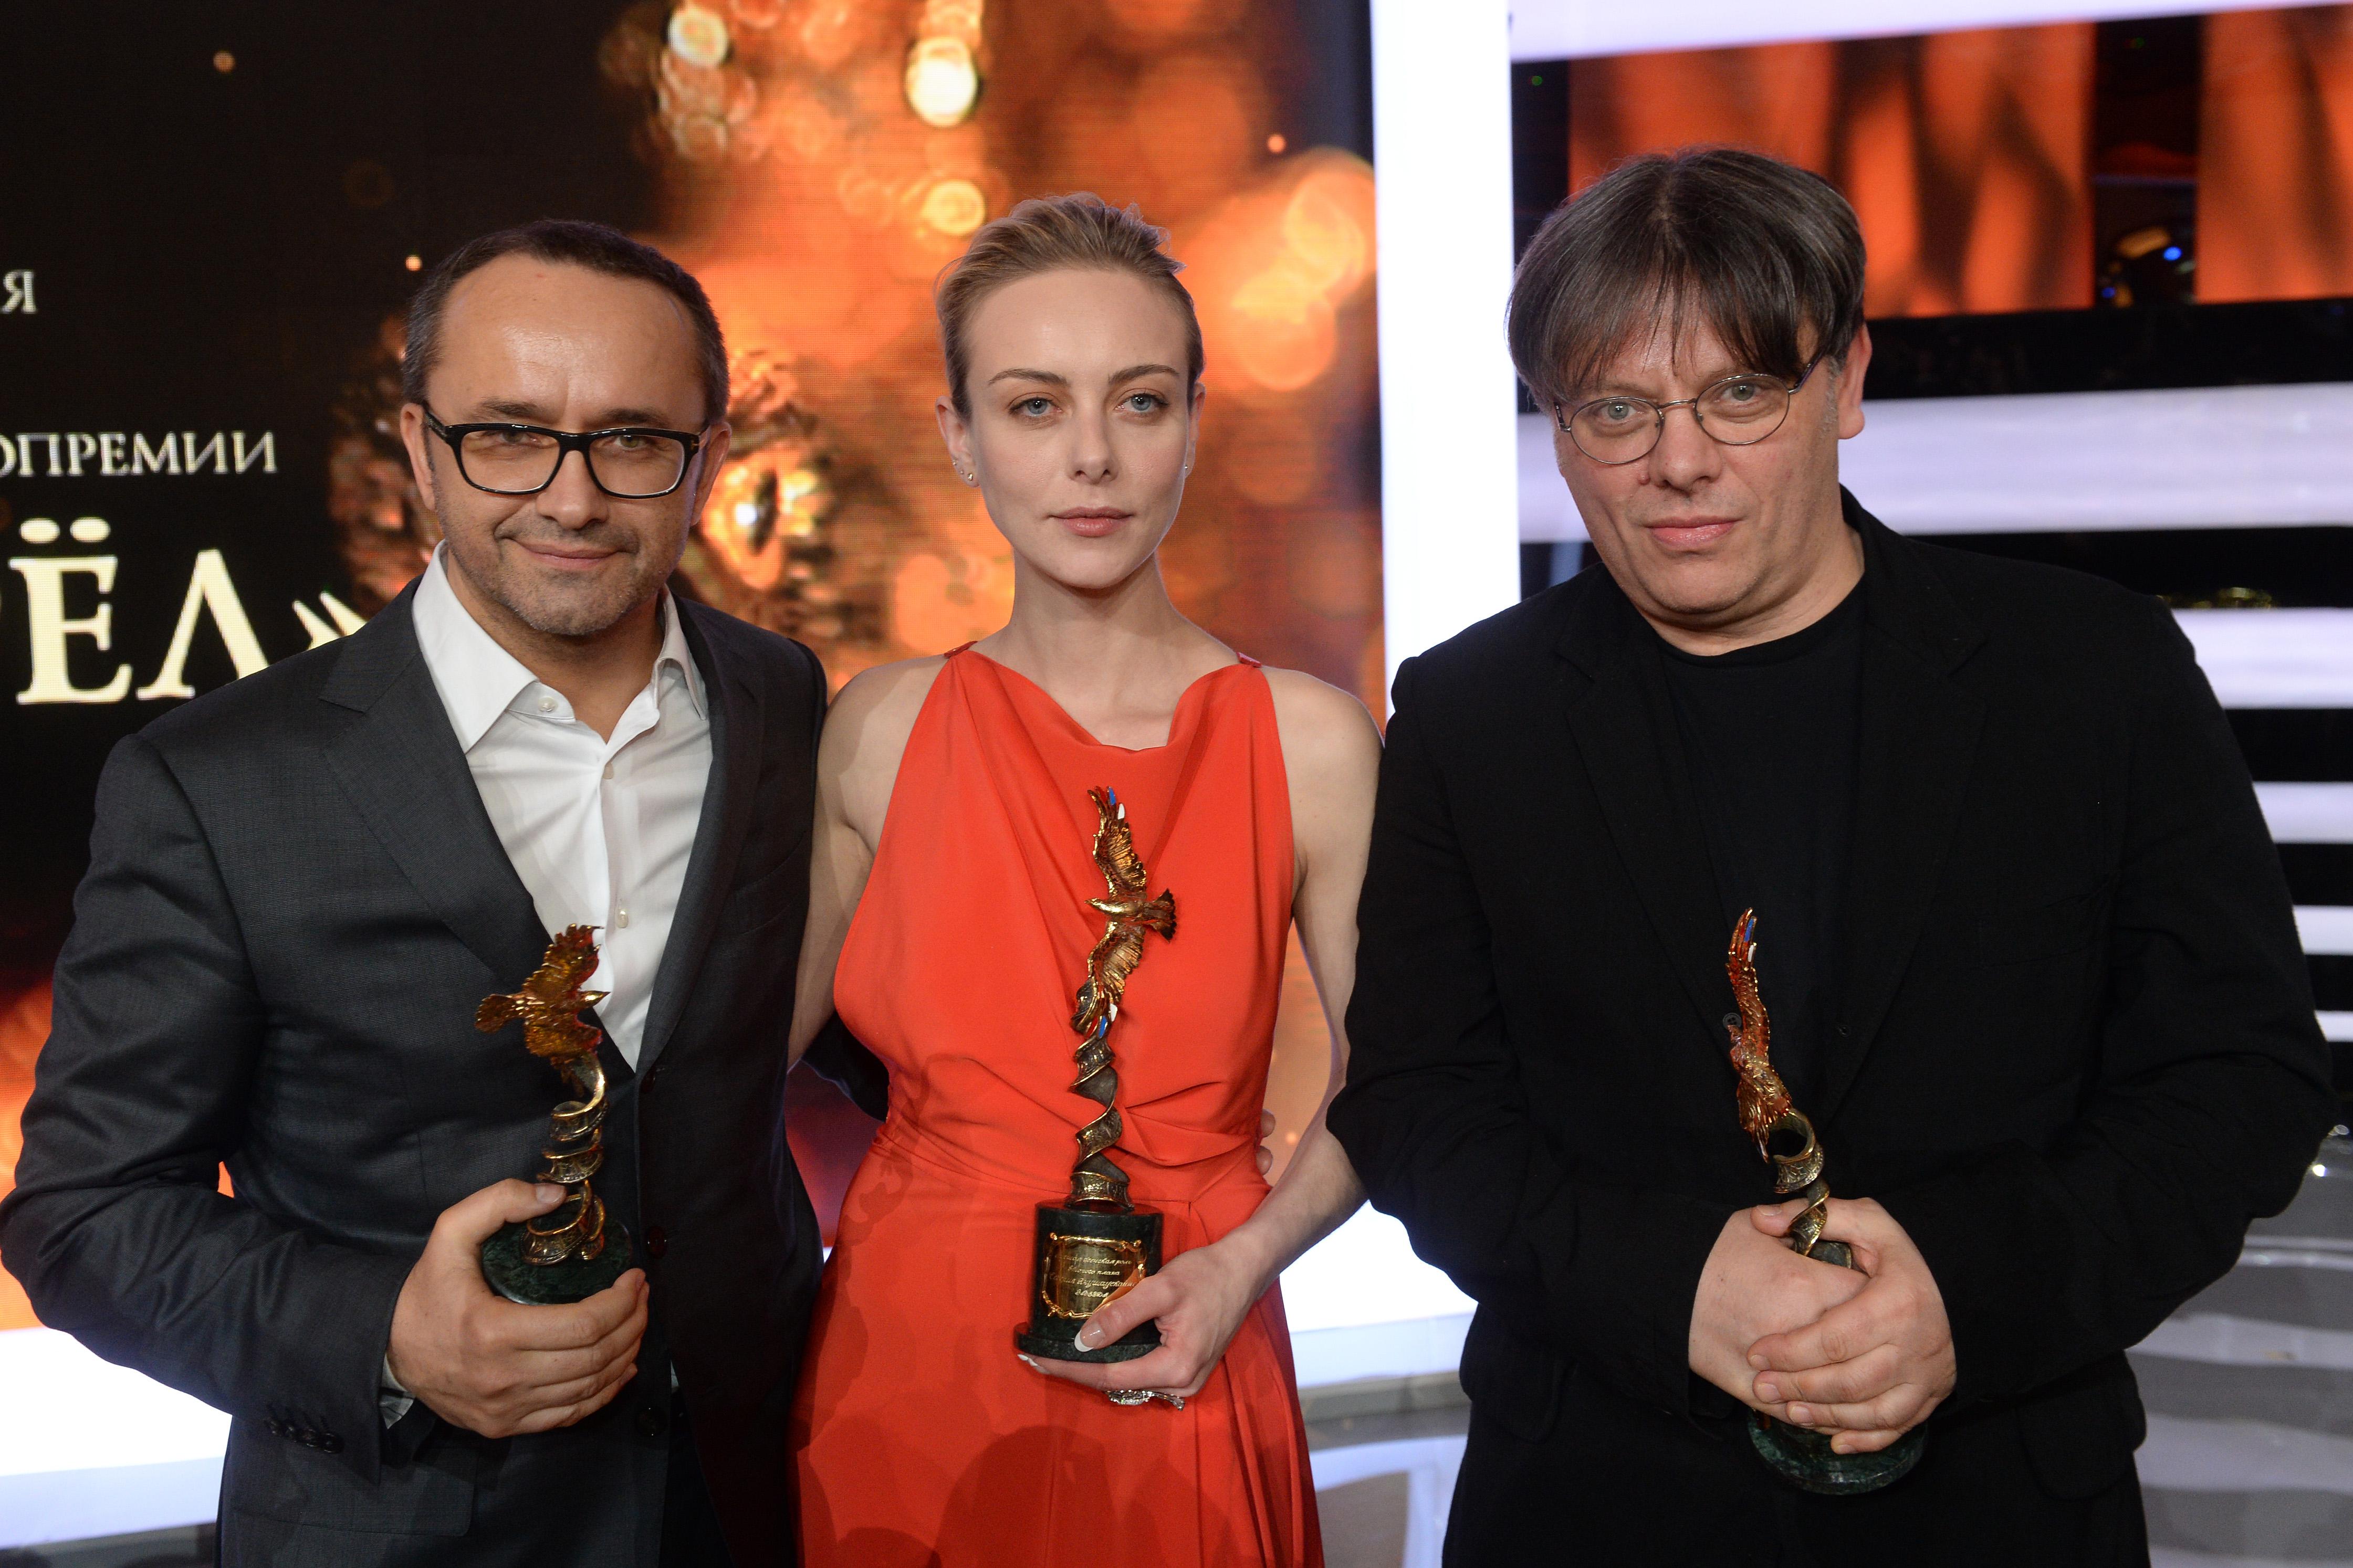 Режиссеры Андрей Звягинцев (слева) и Валерий Тодоровский (справа) вместе с актрисой Северией Янушаускайте